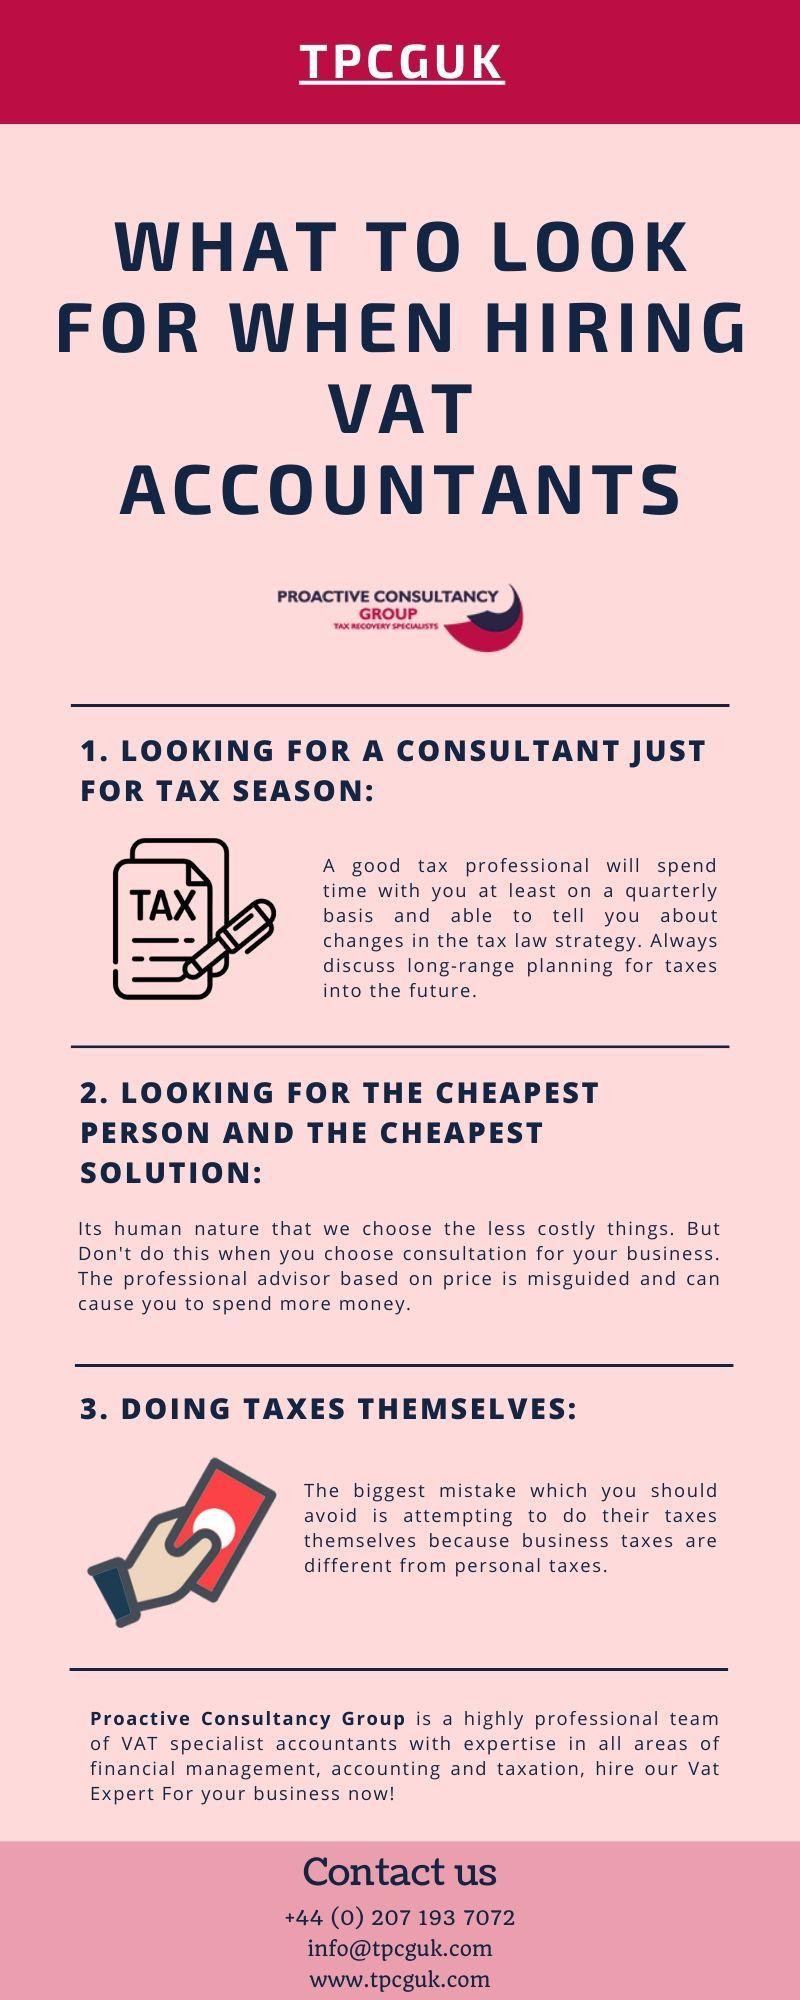 What to Look for When Hiring VAT Accountants TPCGUK in